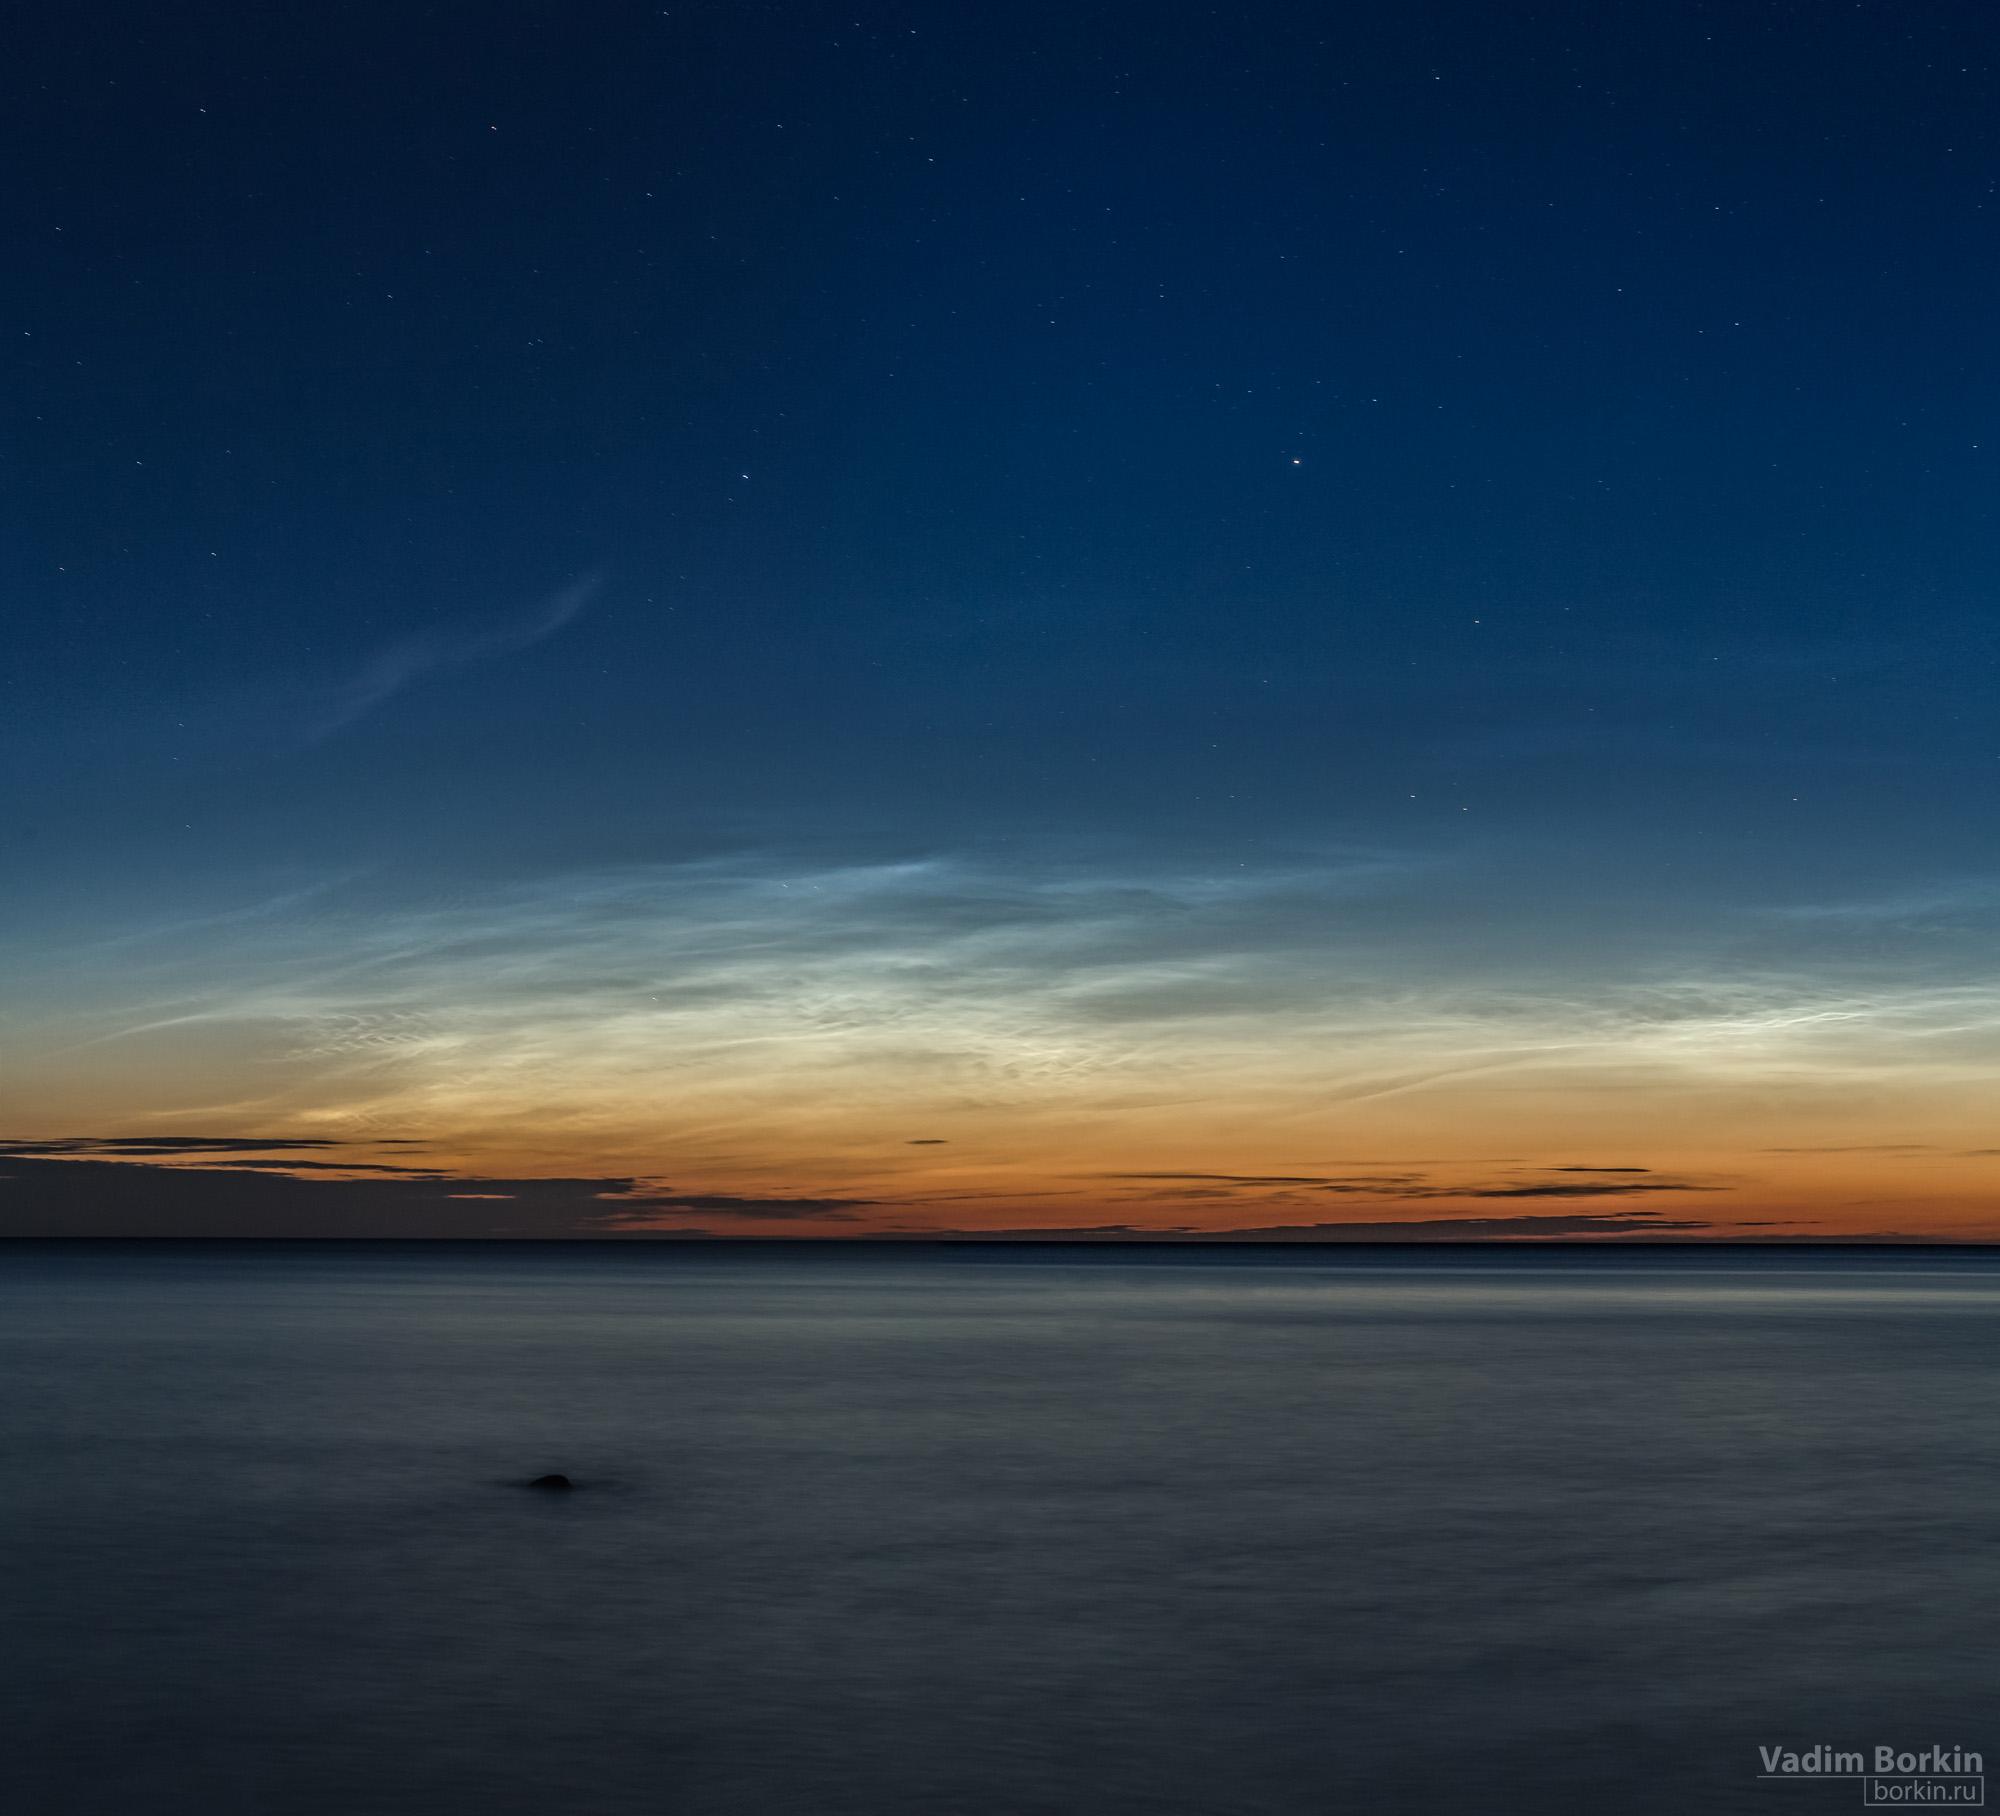 фото Мезосферных или серебристых облаков над Балтийским морем